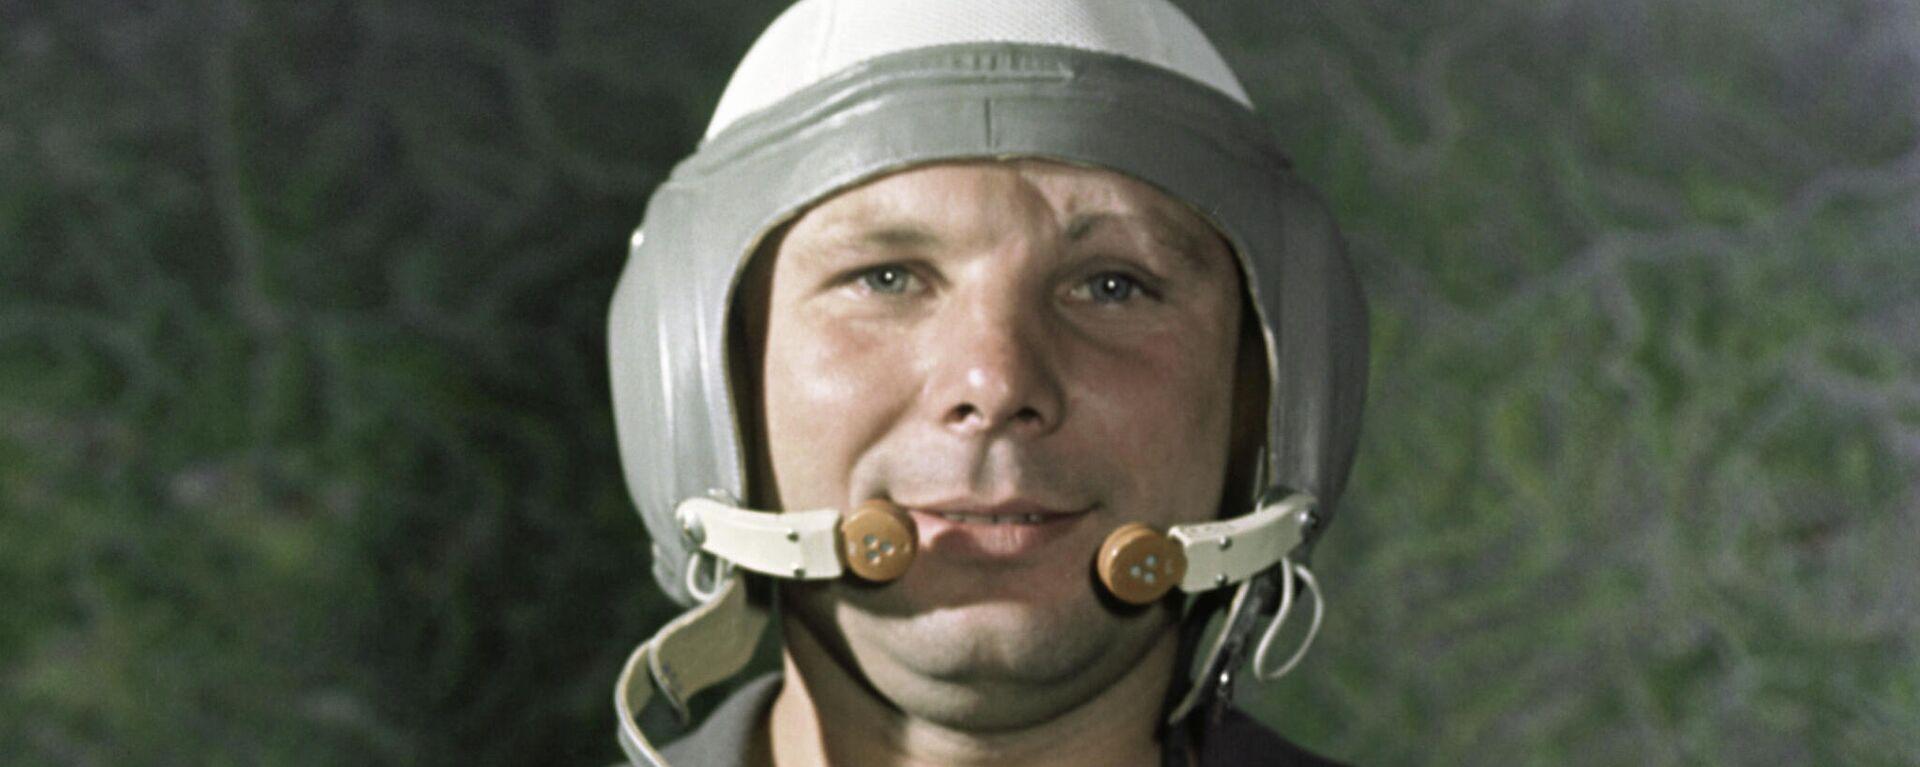 Der erste Kosmonaut der Welt Juri Gagarin - SNA, 1920, 12.04.2021